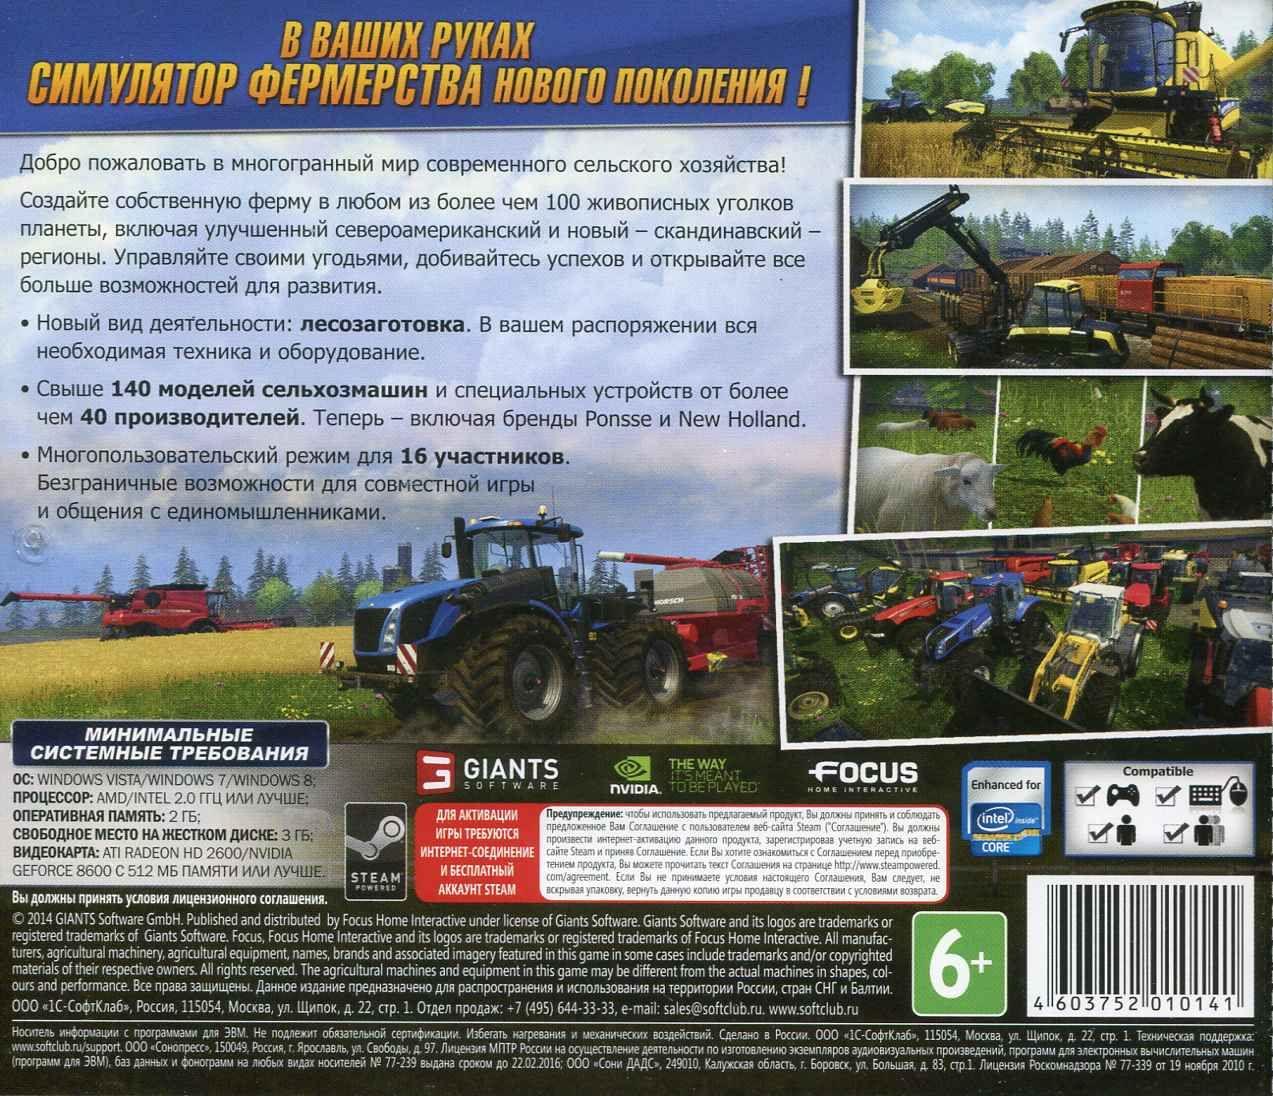 Скачать ключ на фермер симулятор